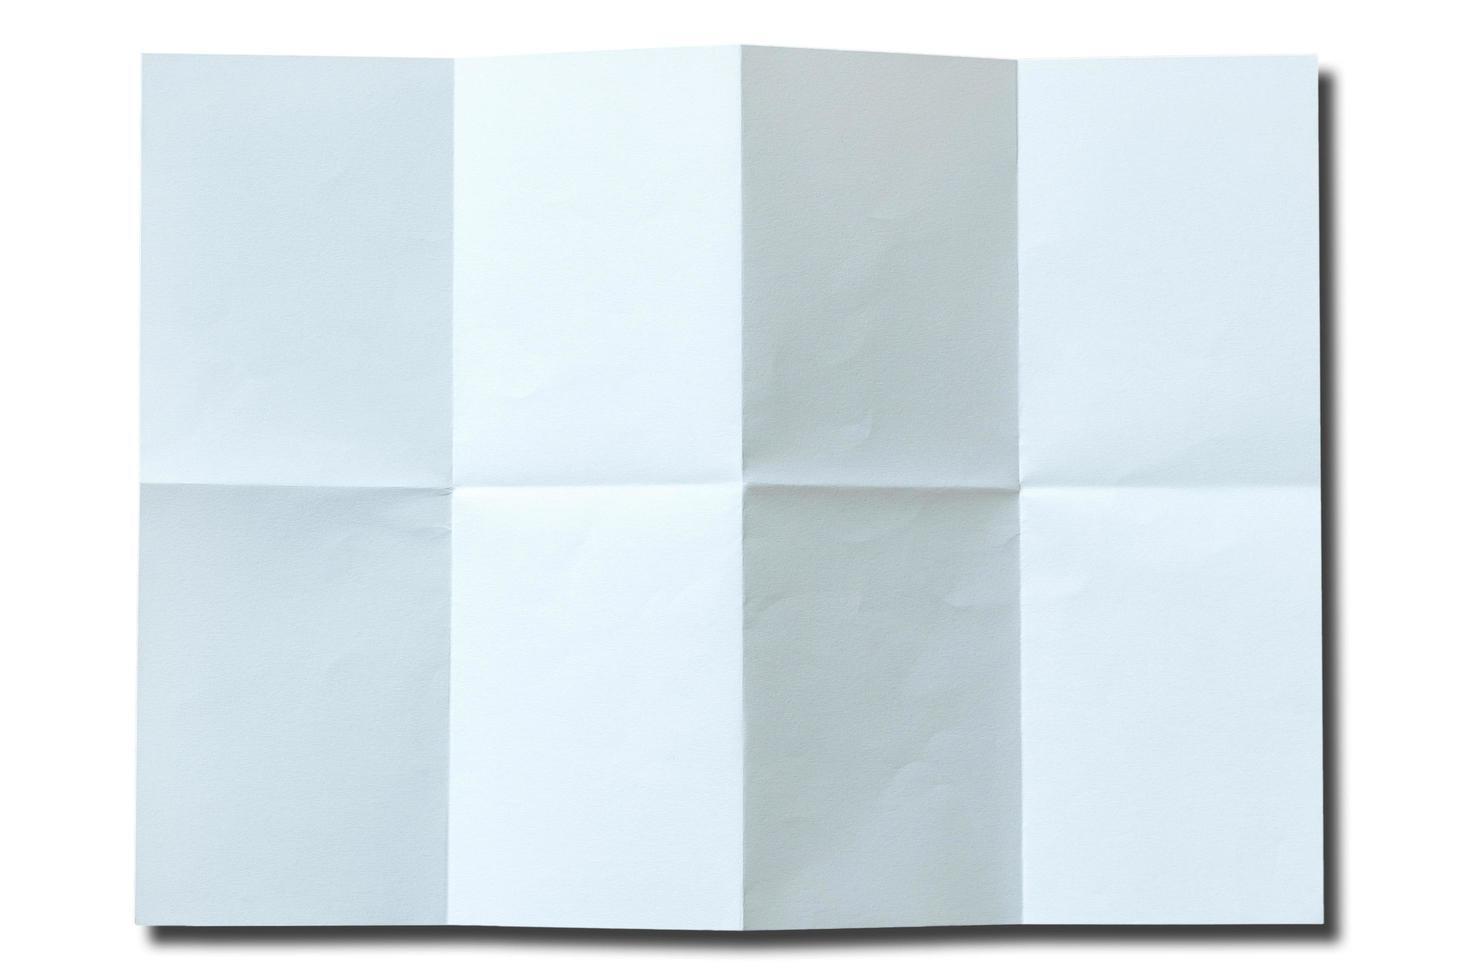 isolato sfondo del libro bianco foto